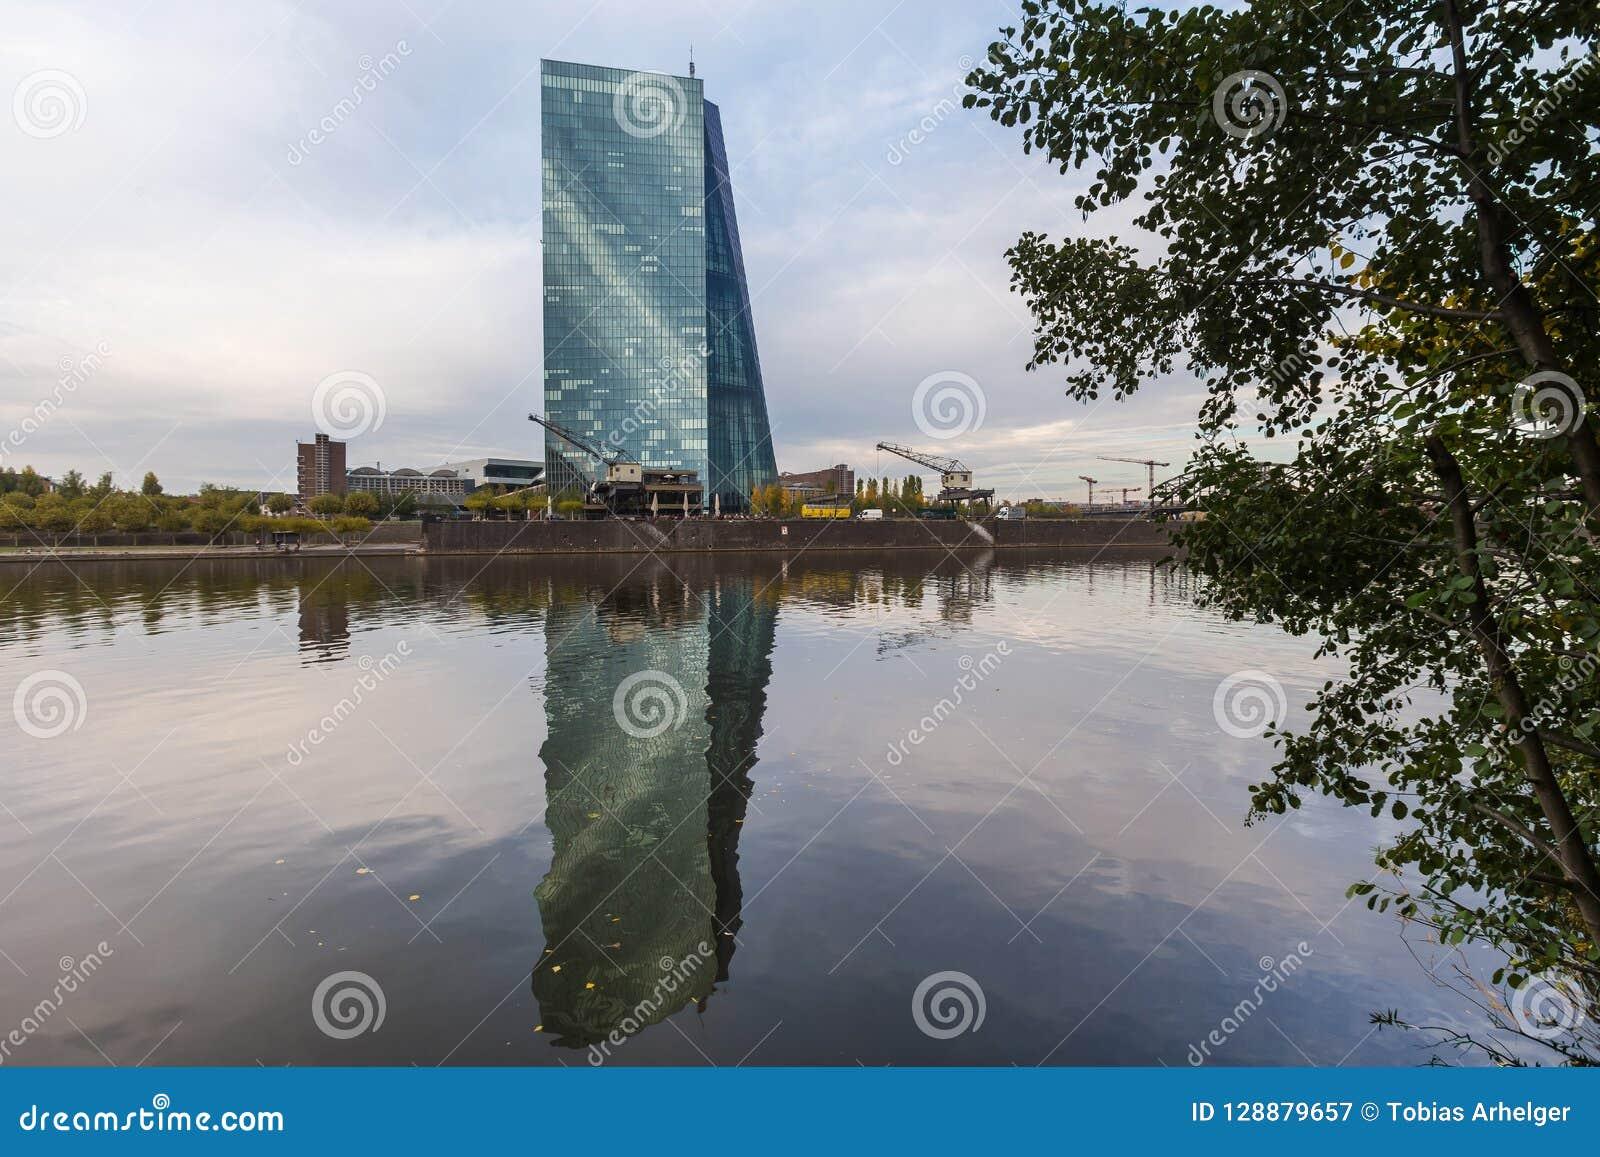 Francfort, Hesse/Allemagne - 11 10 18 : édifice bancaire de Banque Centrale Européenne à Francfort Allemagne